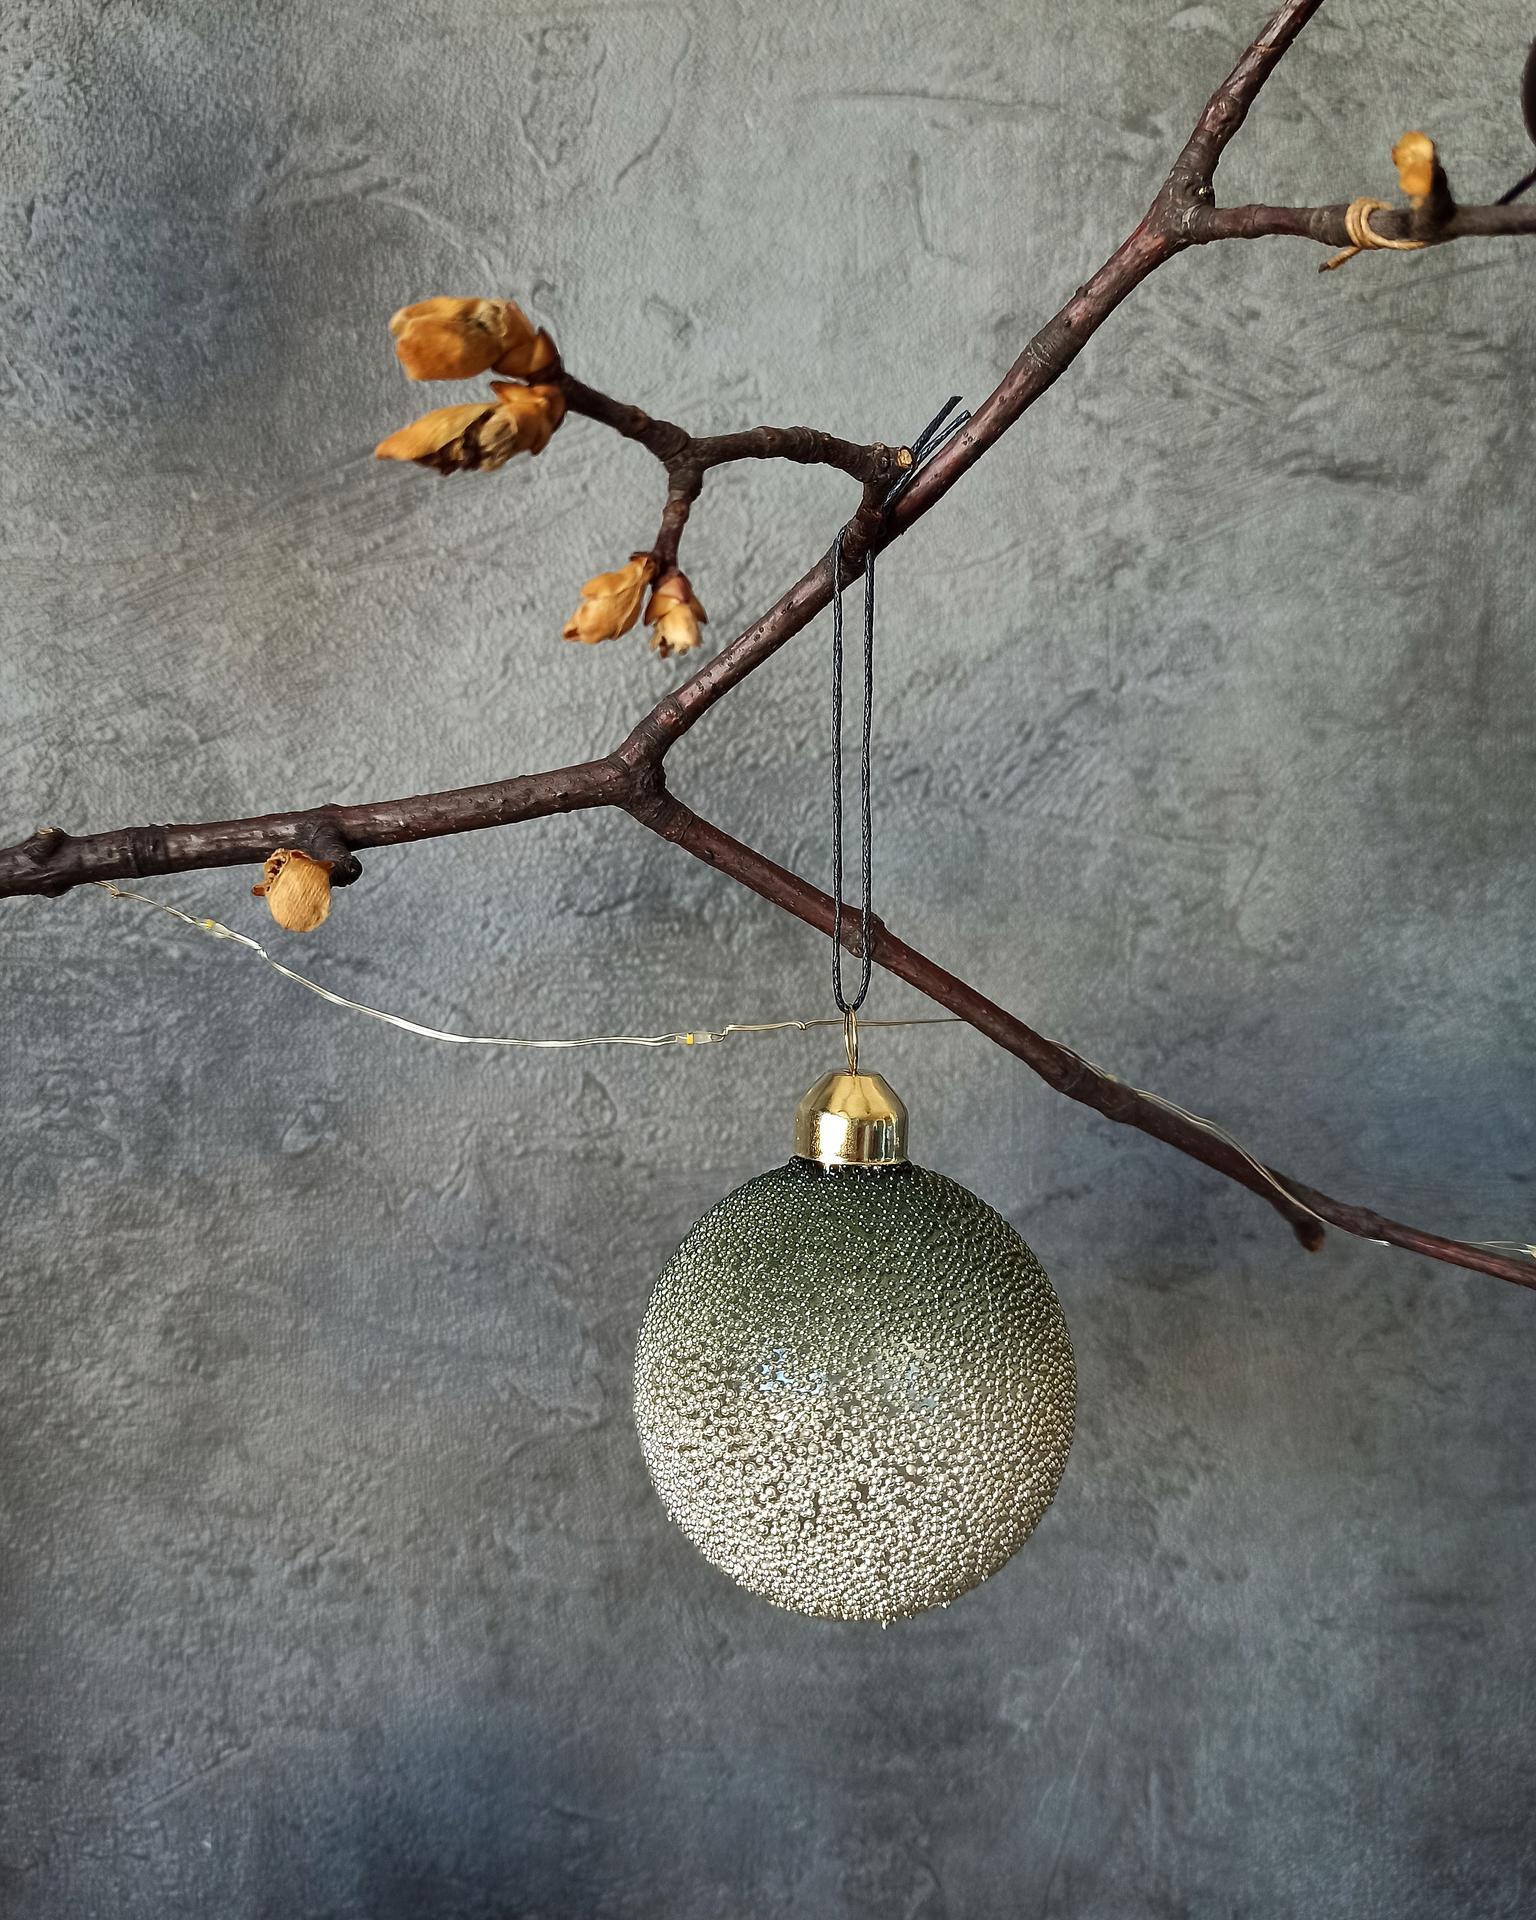 Vánoce začínají pomalu i u nás instagram rava411, předělali jsme obývák, a teď už jen doladit... - Obrázek č. 3